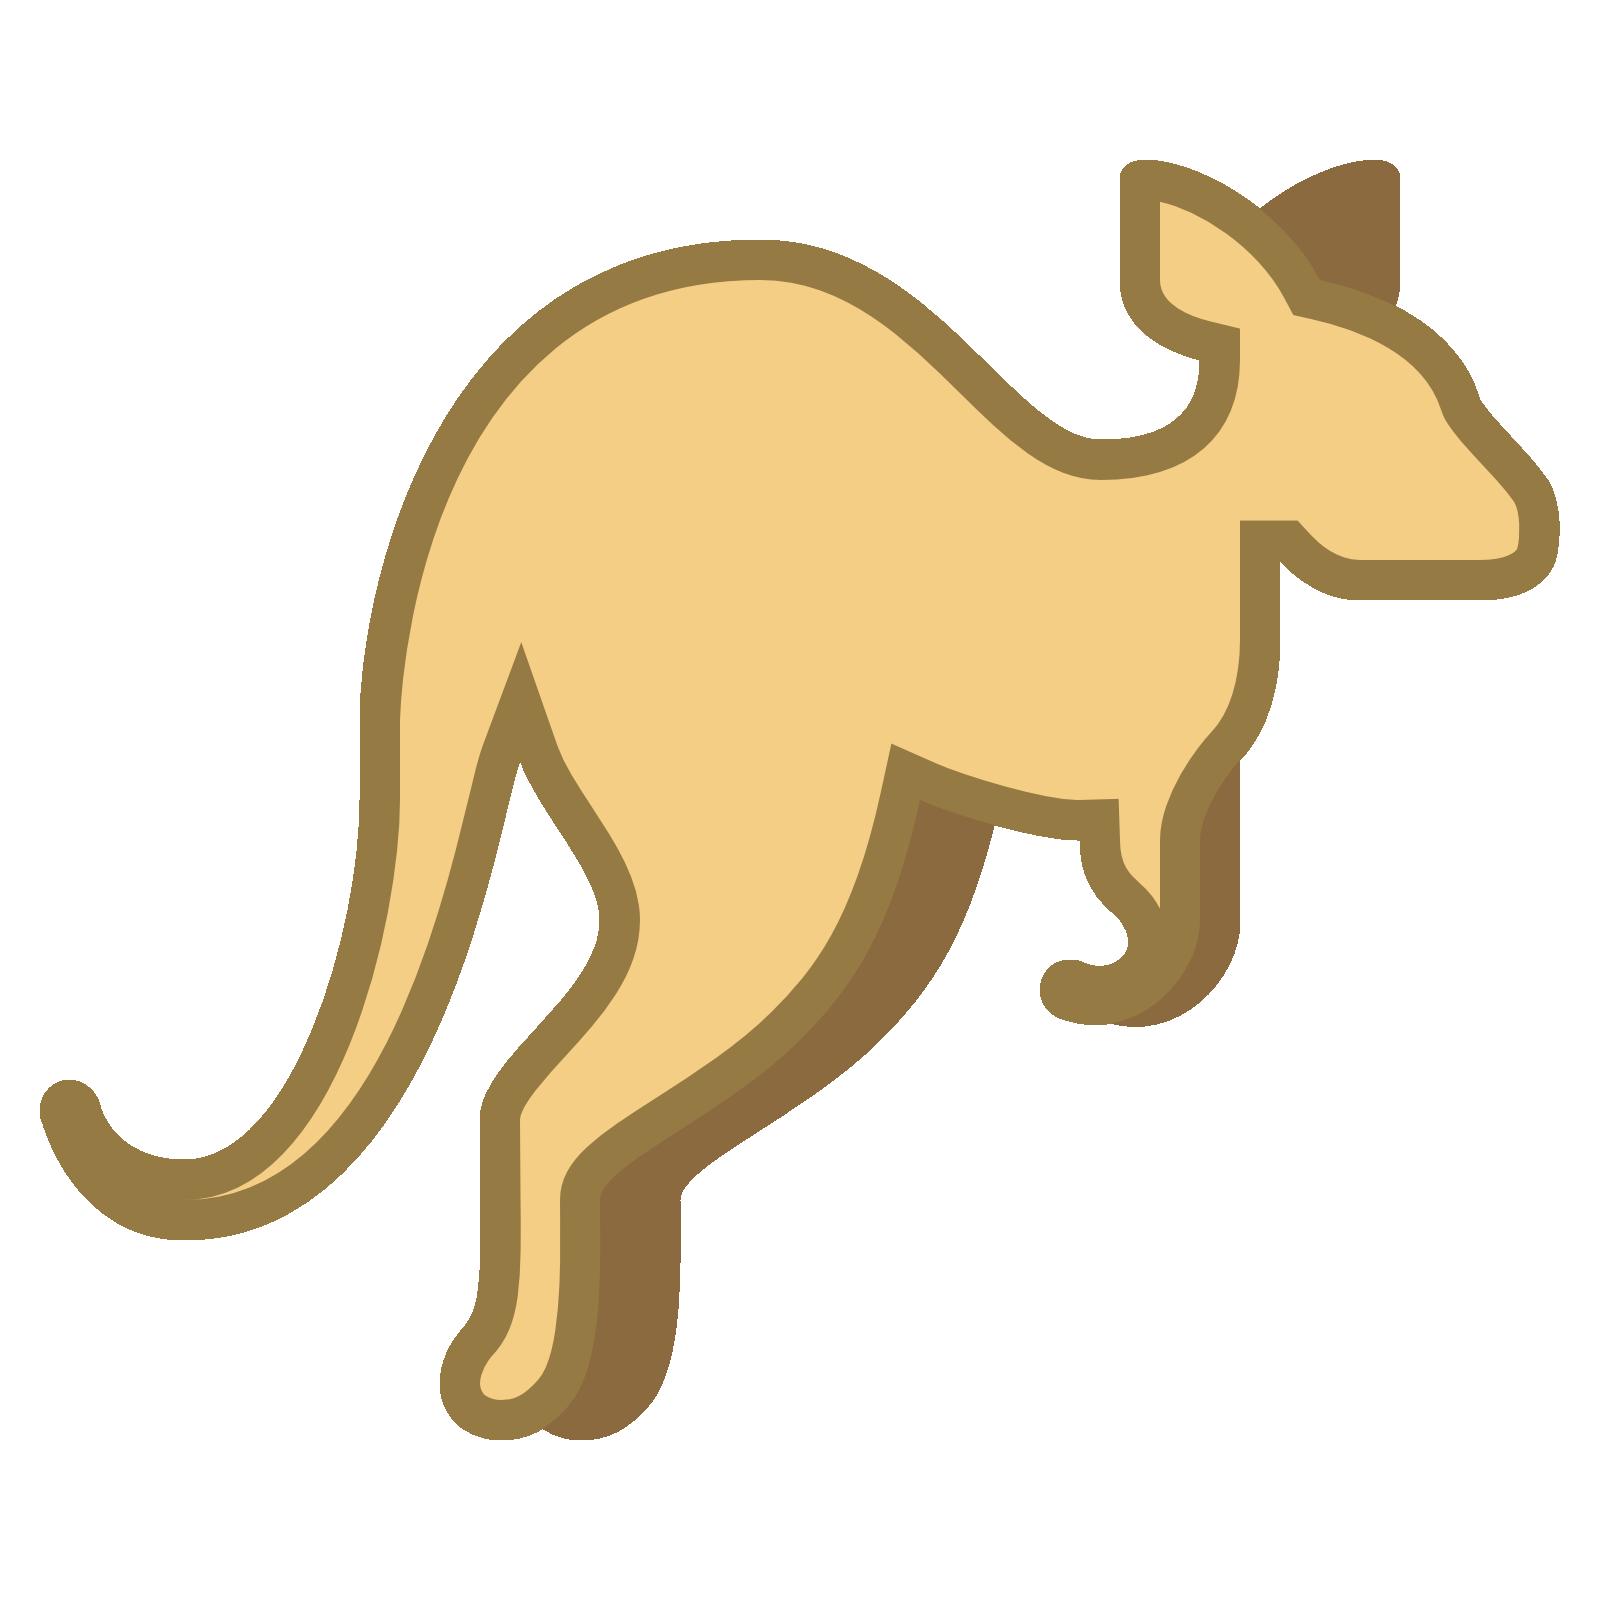 Kangaroo clipart cartoon. Png transparent quality images